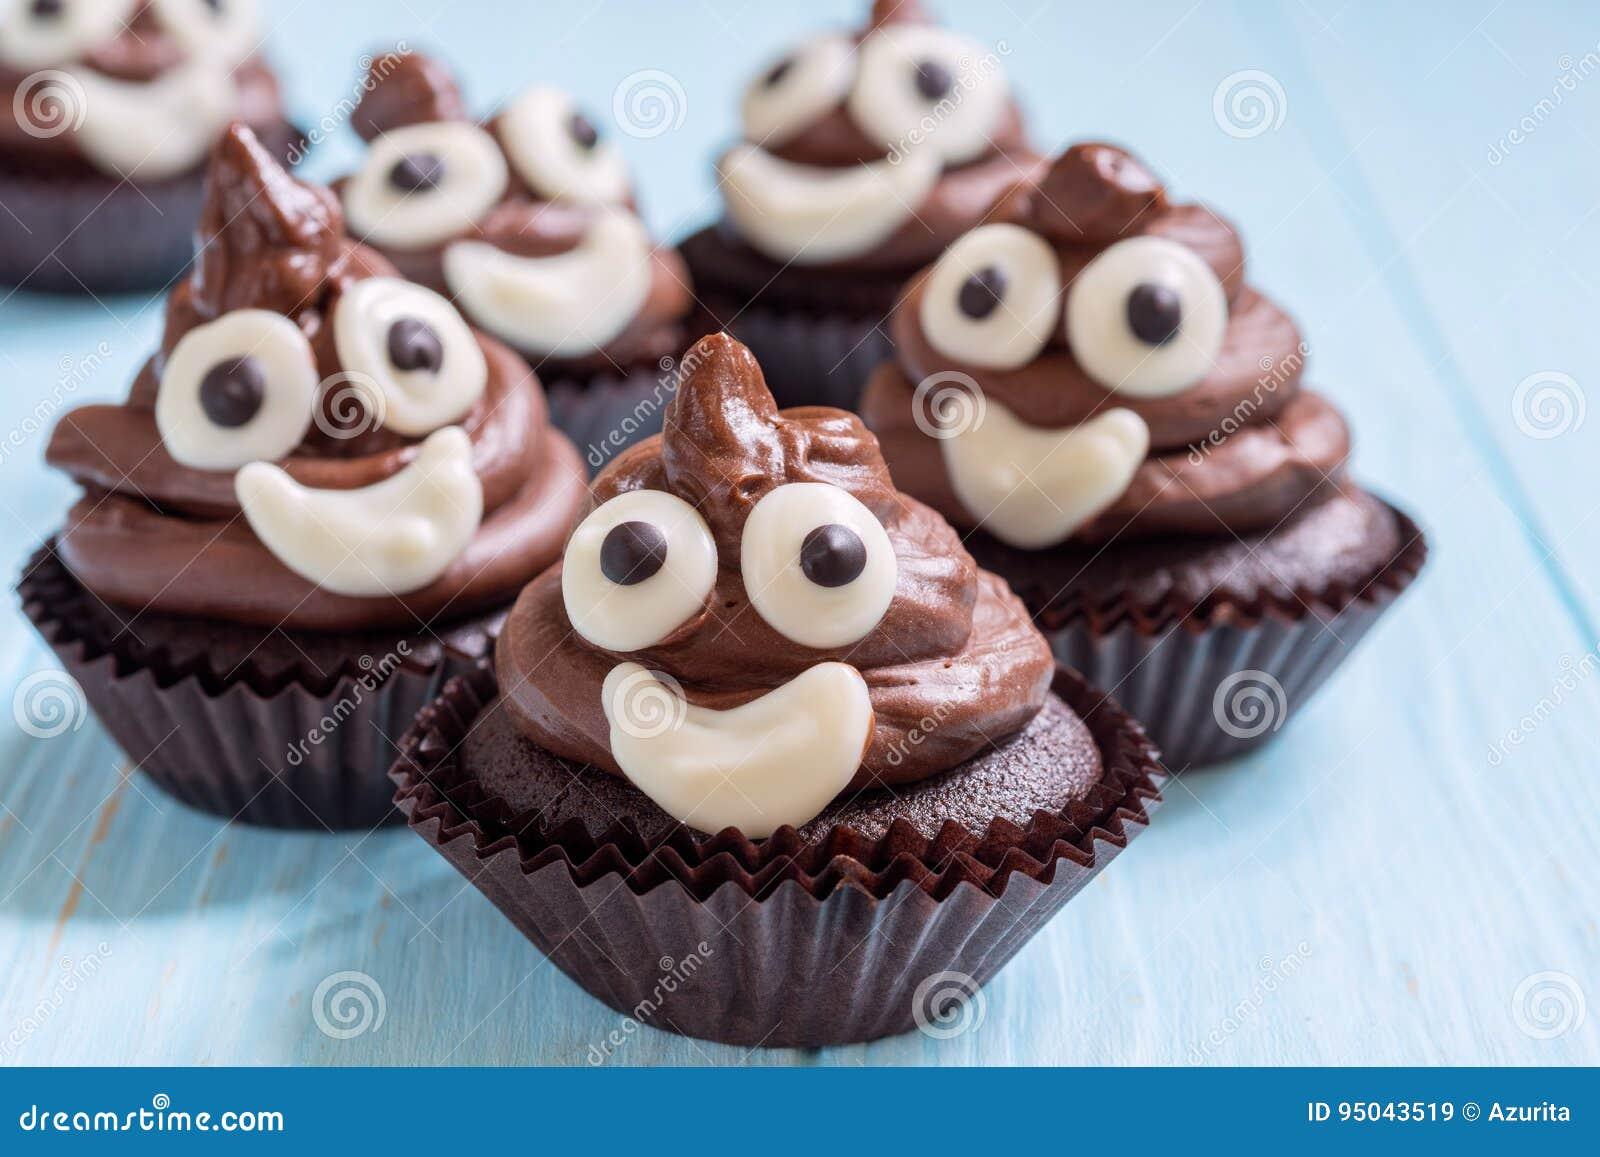 Heck Emoji Kleine Kuchen Stockbild Bild Von Feinschmecker 95043519